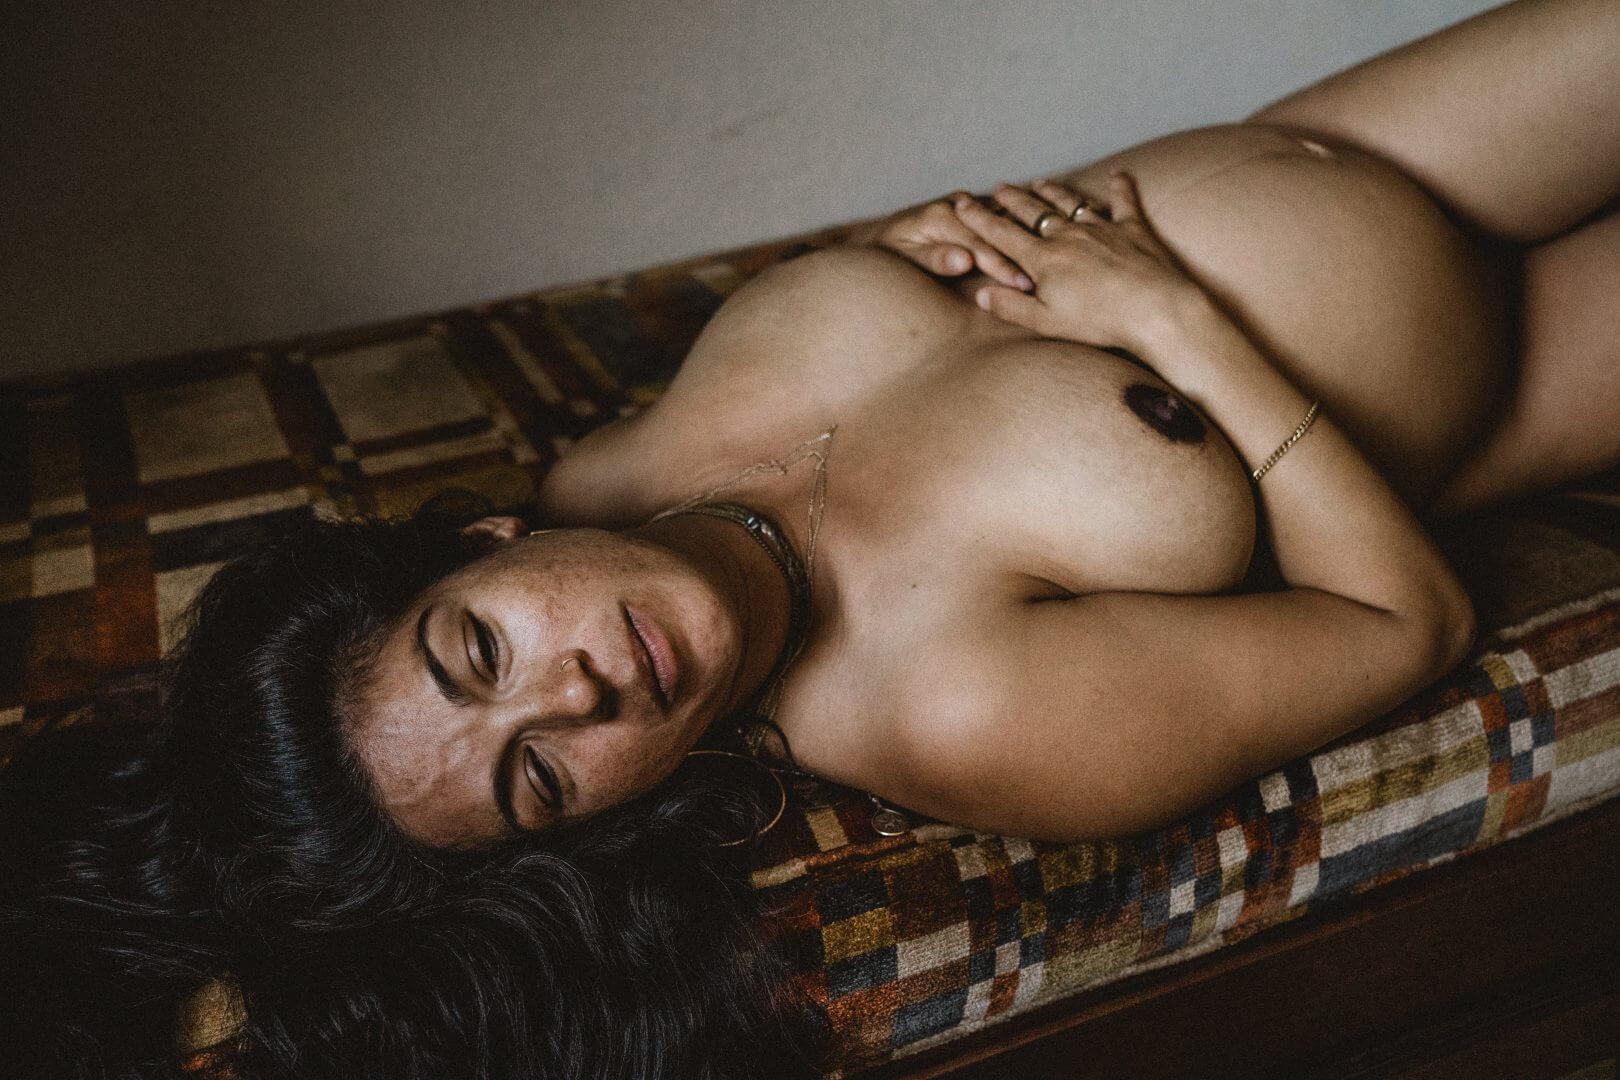 Schwangere liegt nackt auf Sofa